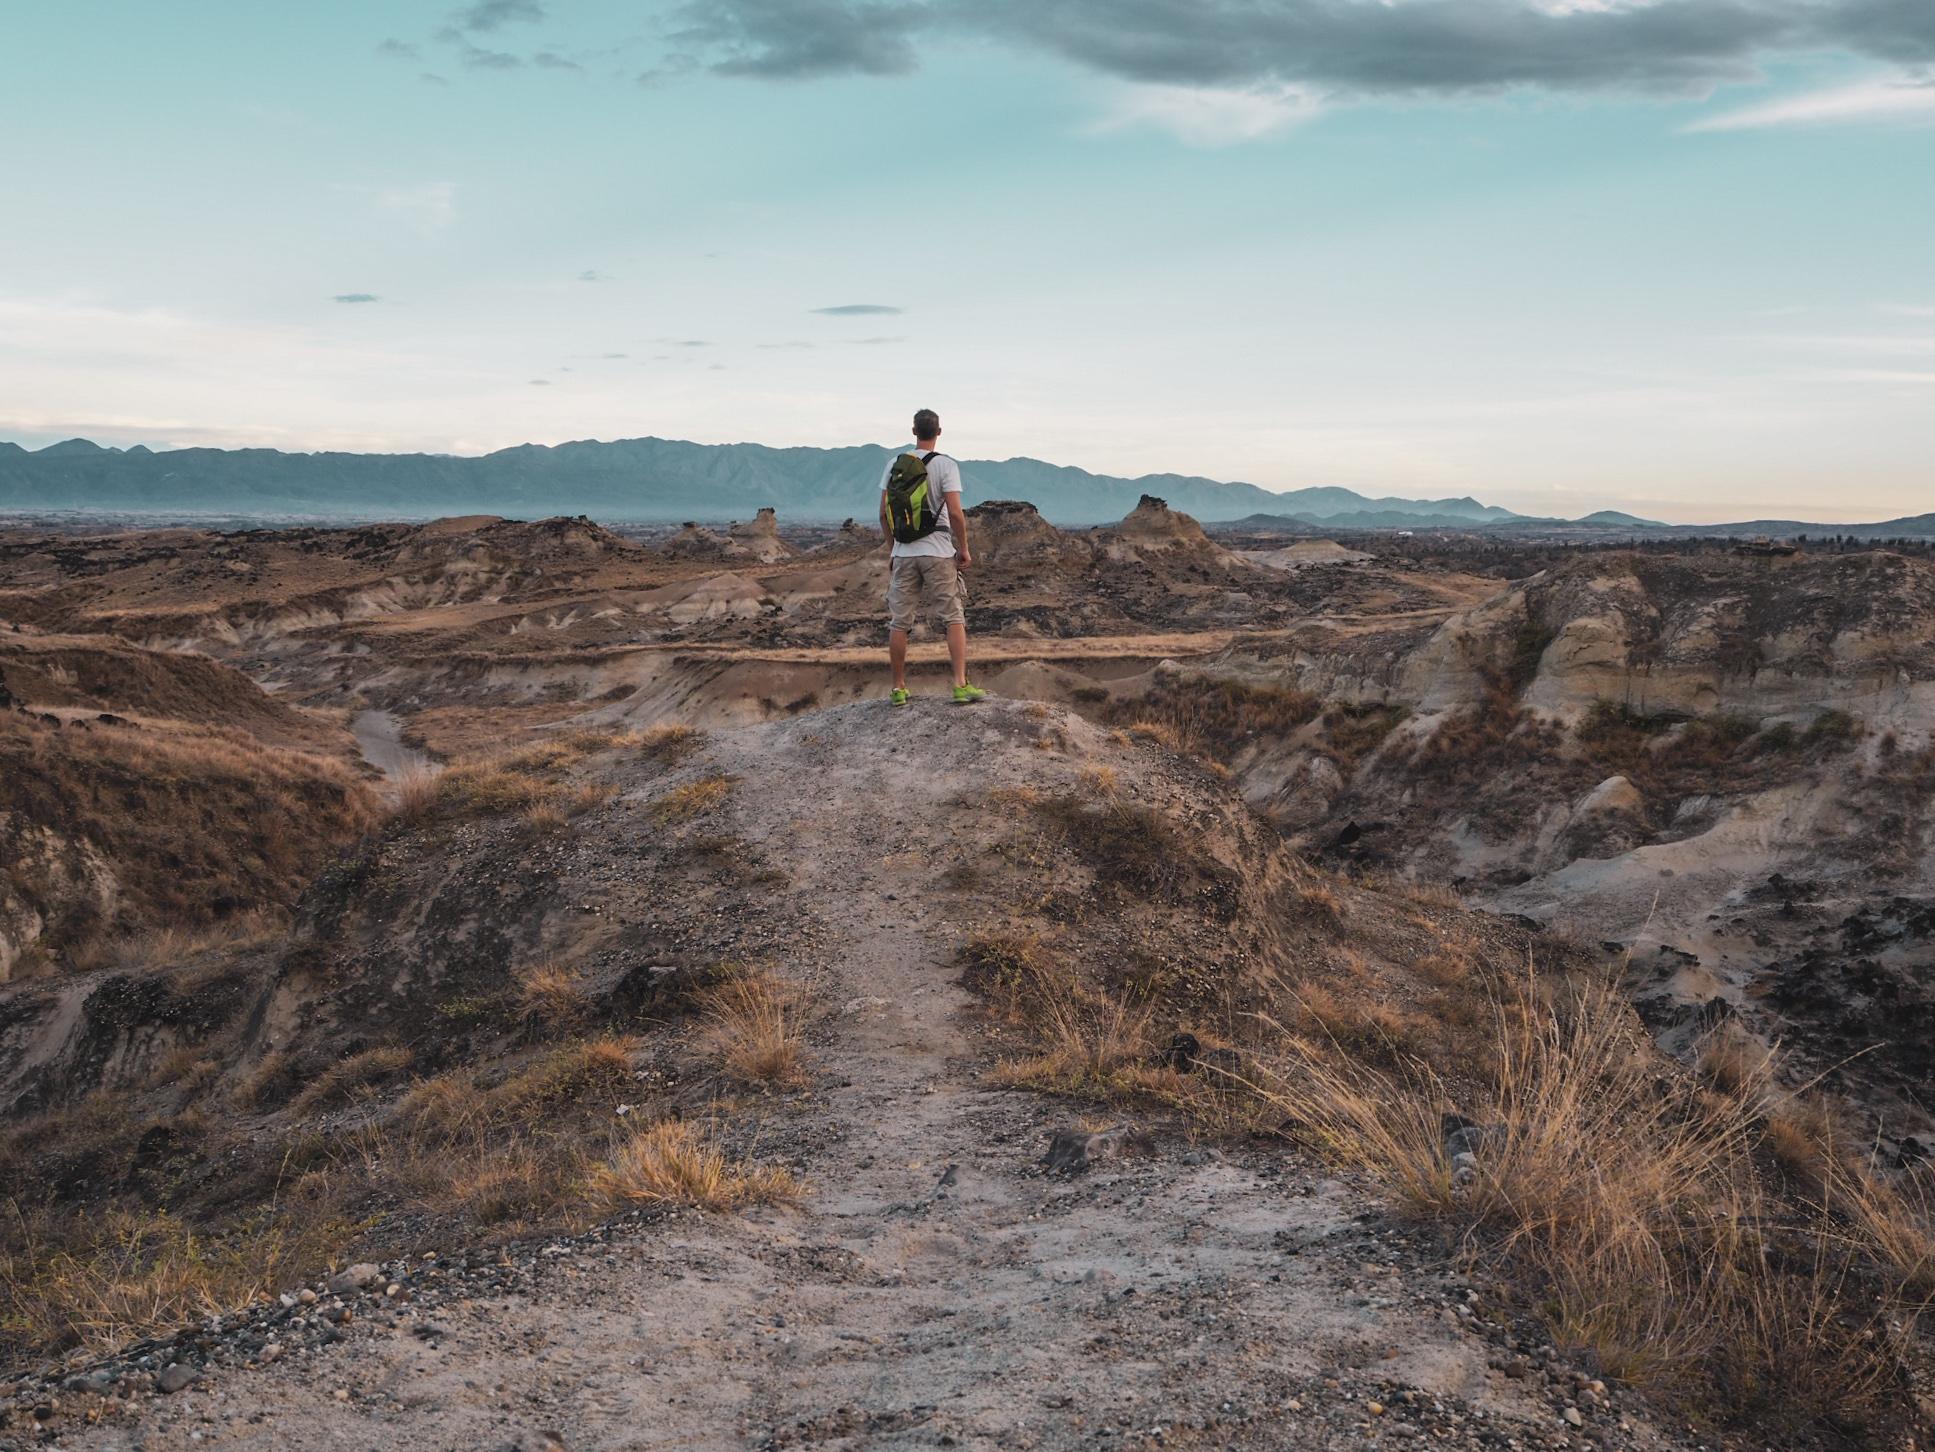 Desierto de la Tatacoa - Die Einfachheit der Wüste 7